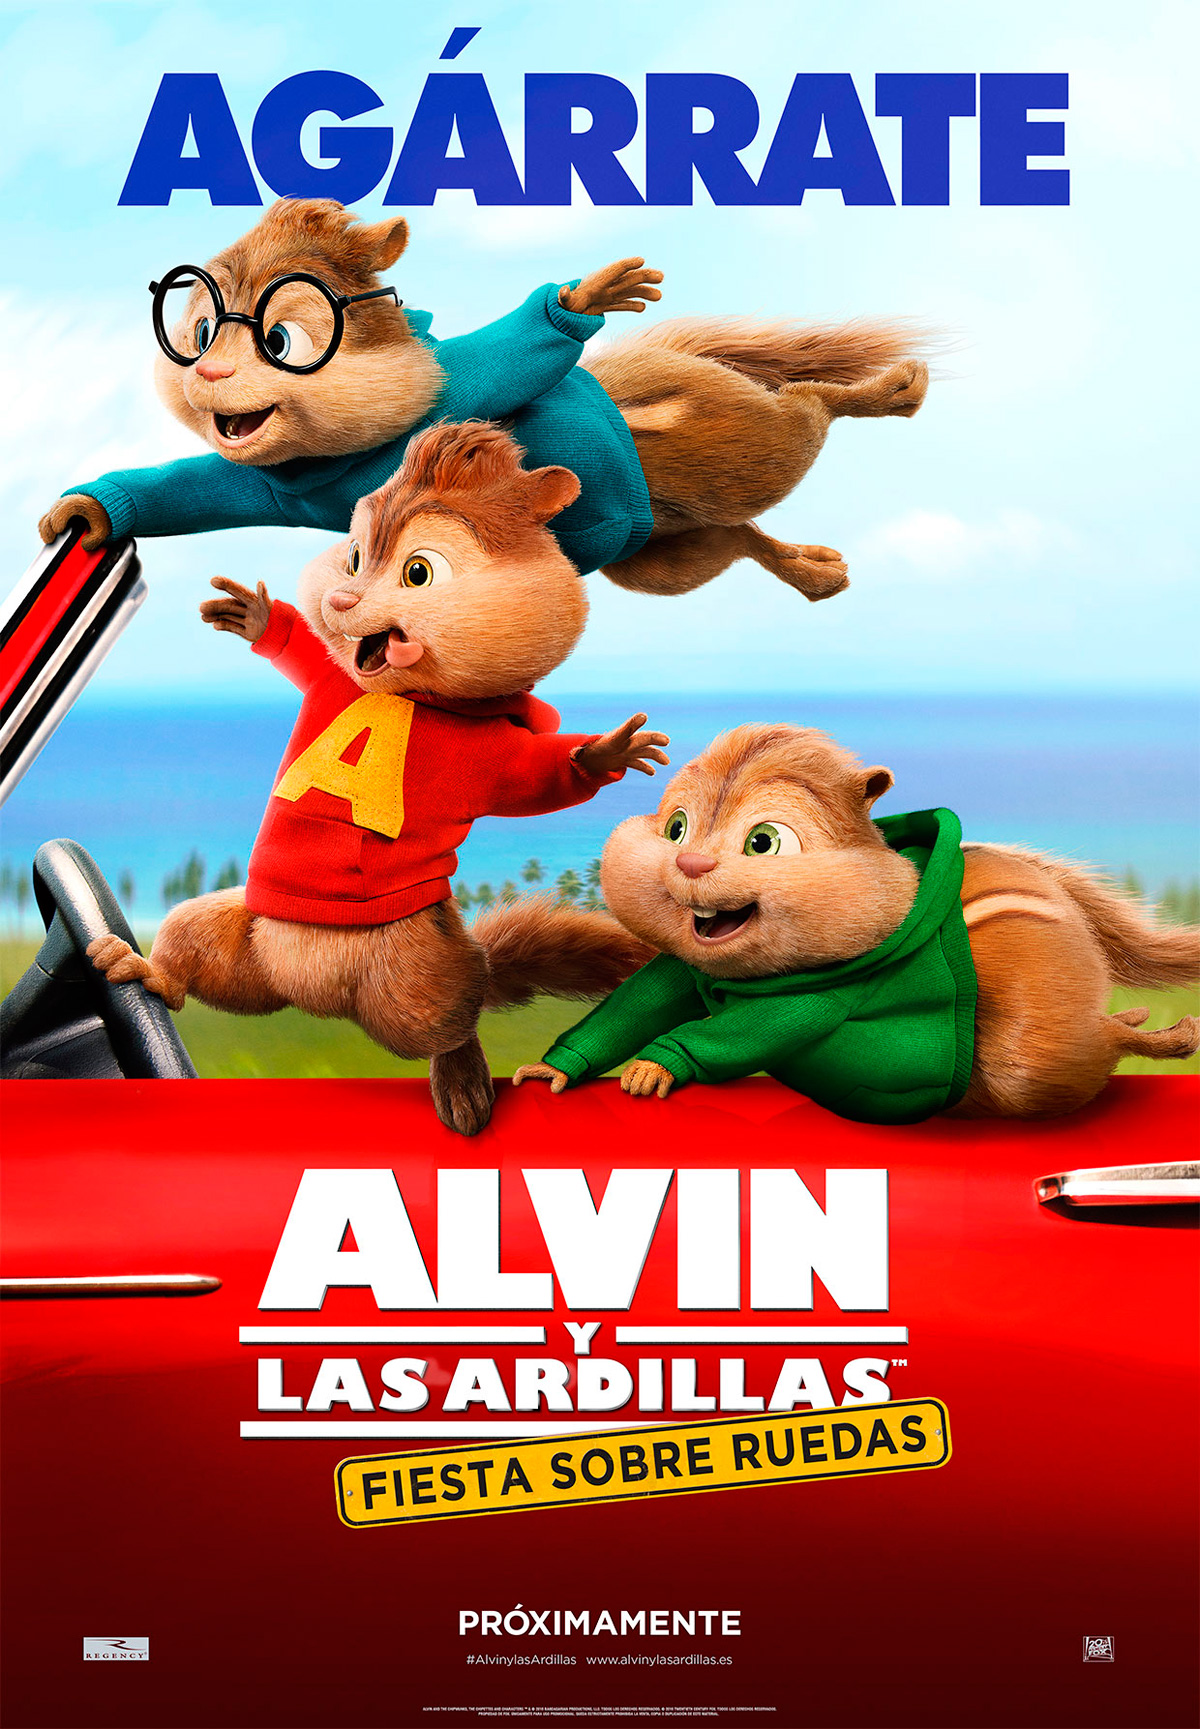 Alvin y las ardillas fiesta sobre ruedas pel cula 2015 - Cartelera de cine artesiete las terrazas ...